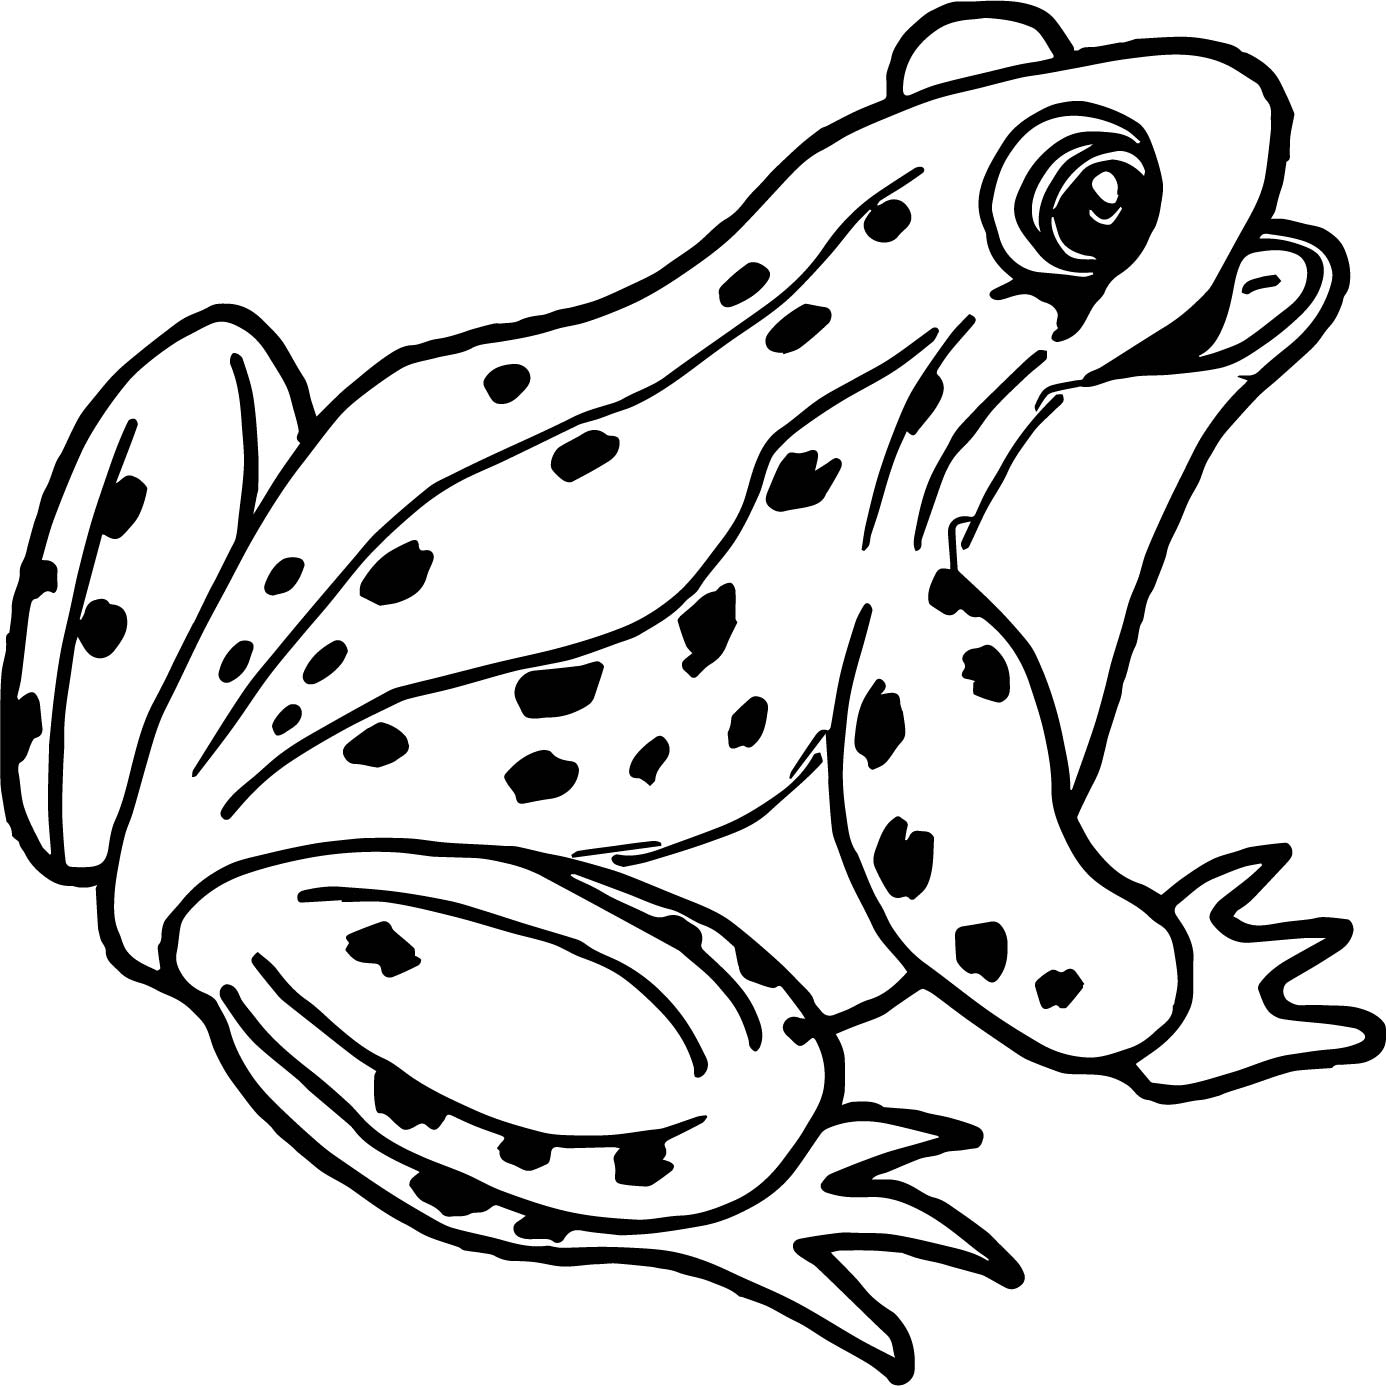 Frog Outline